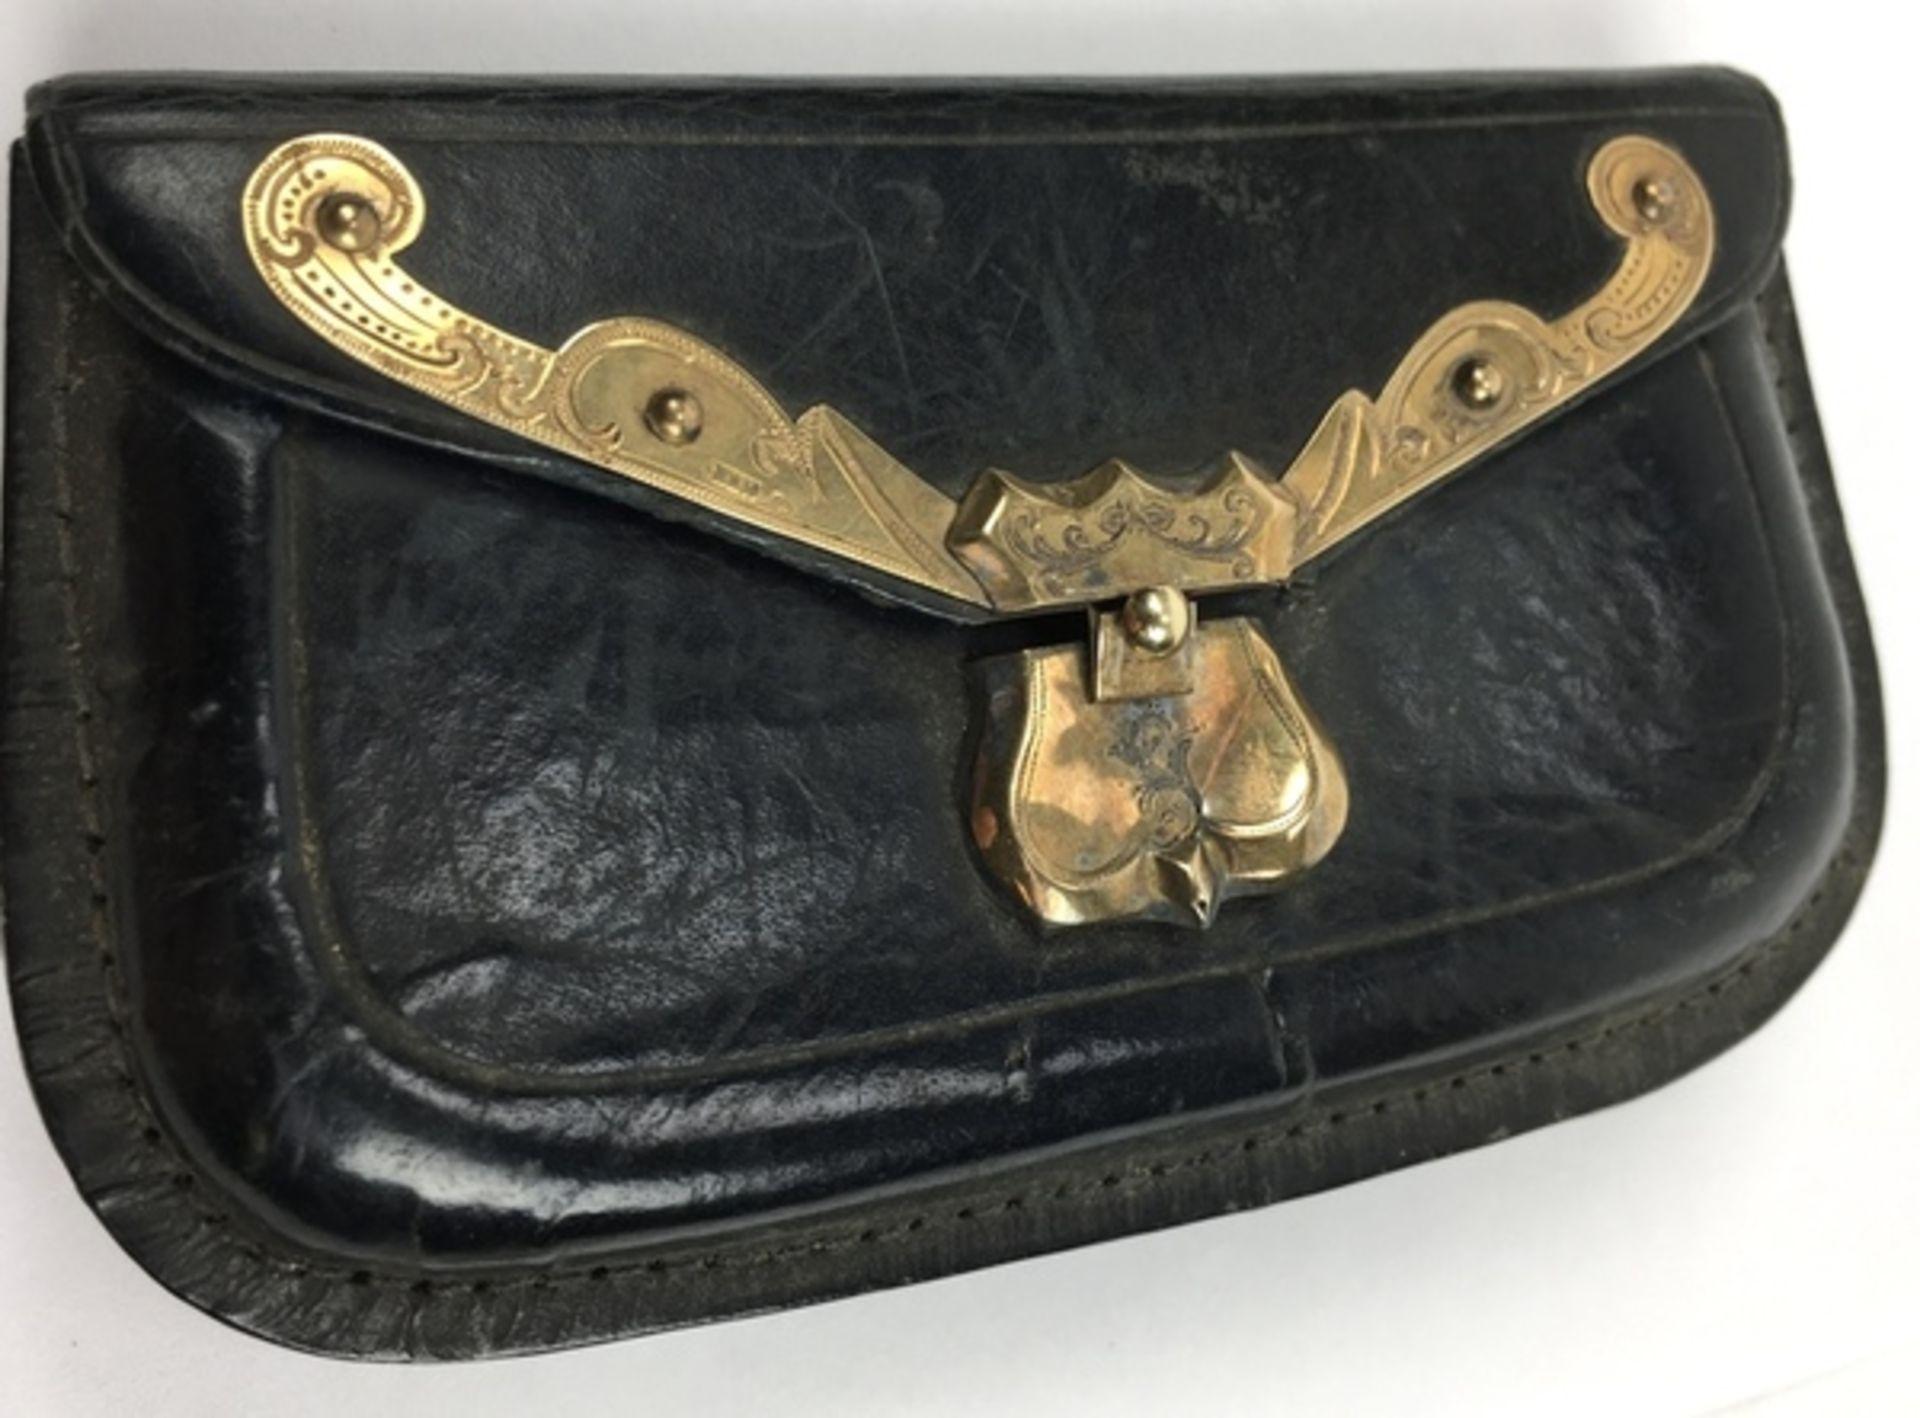 (Antiek) Bijbel en portemonnee met gouden slotenBijbel met leren kaft en gouden slot uit 1884, - Image 4 of 8